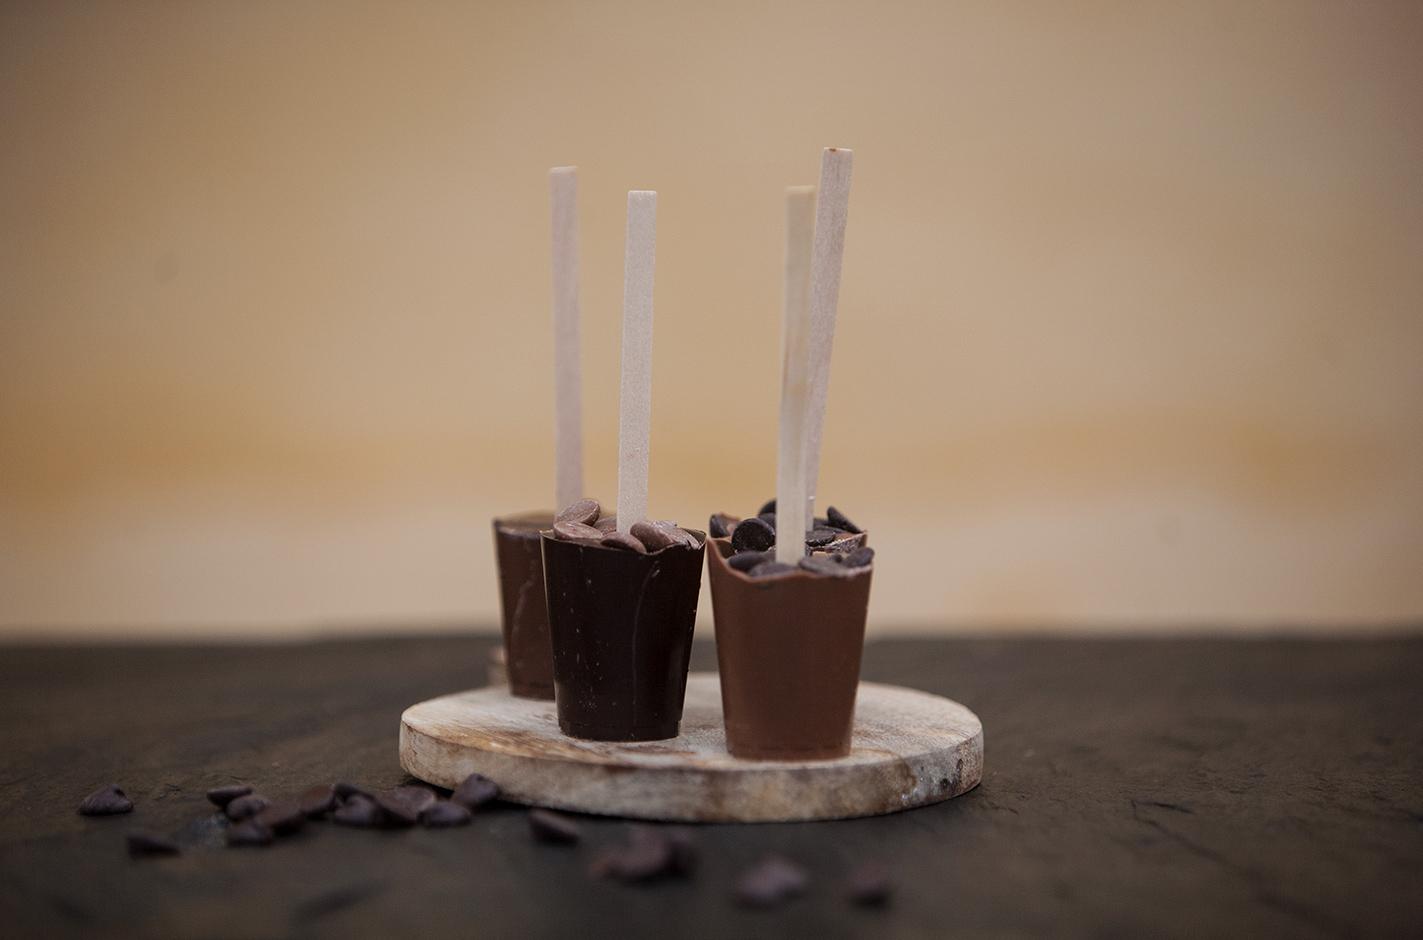 Mörka varmchokladklubbor